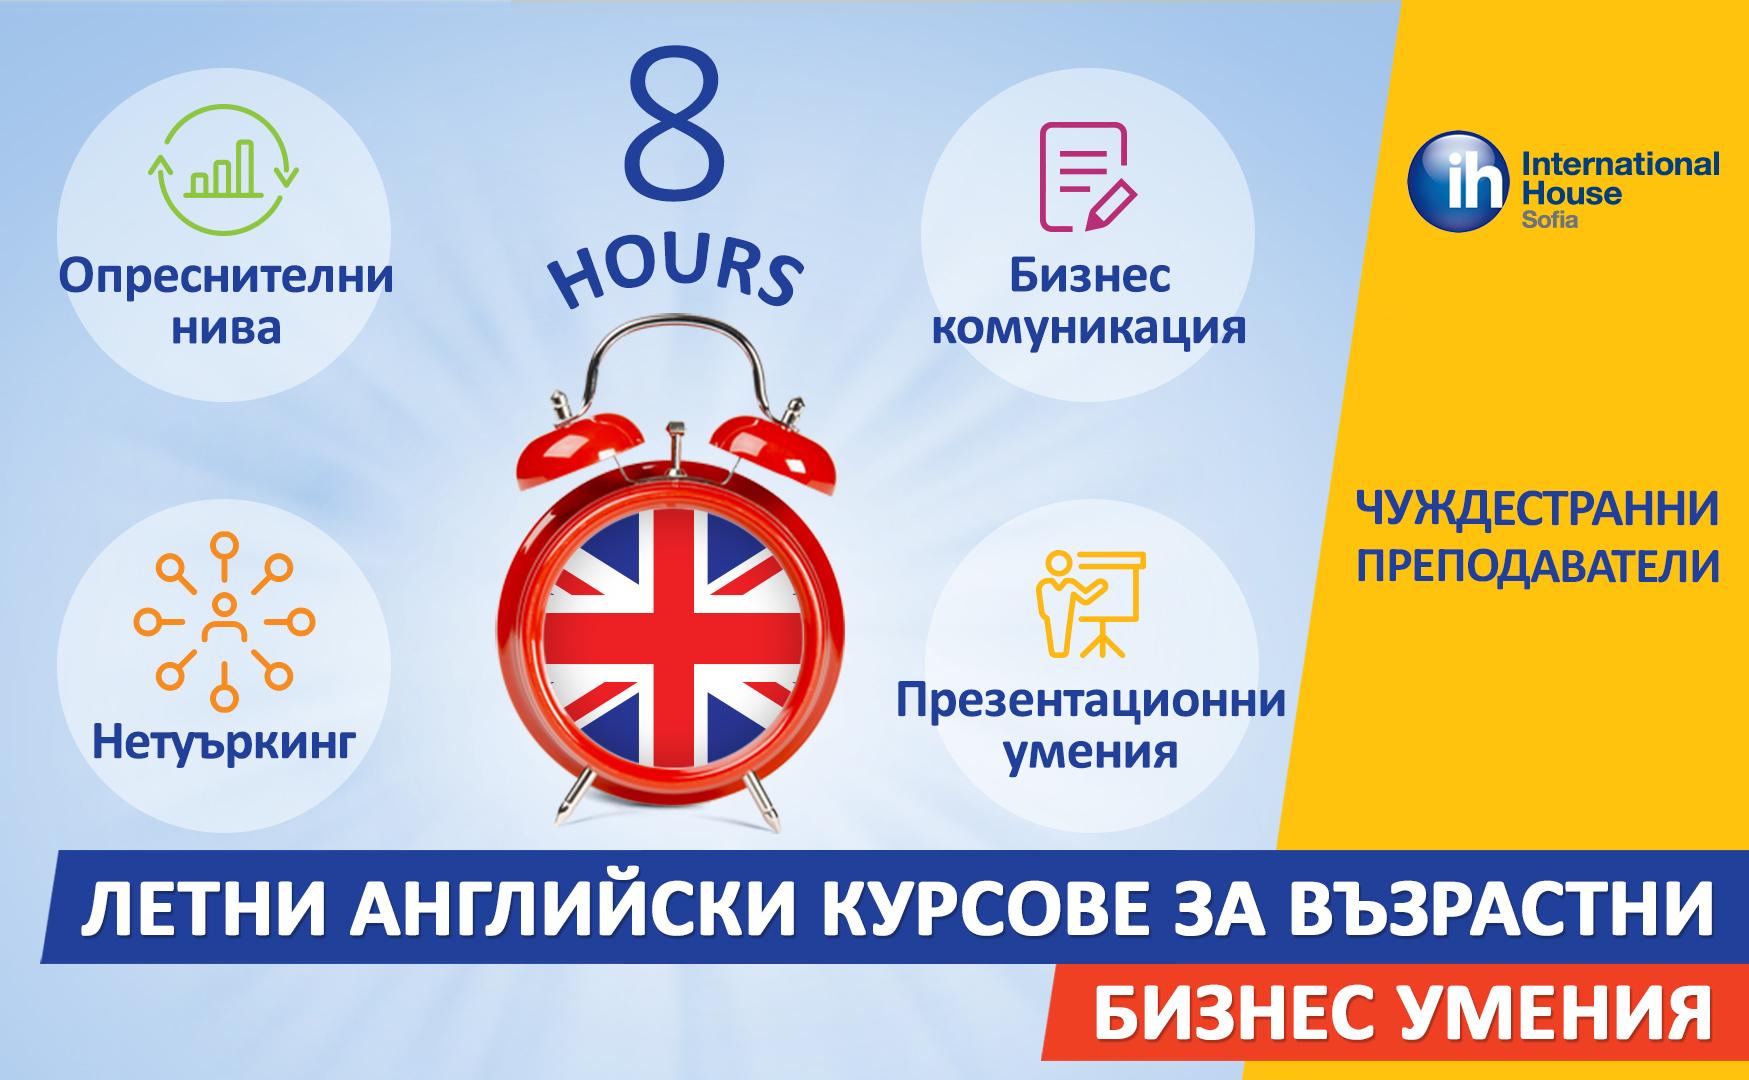 Интензивни онлайн курсове по английски език.